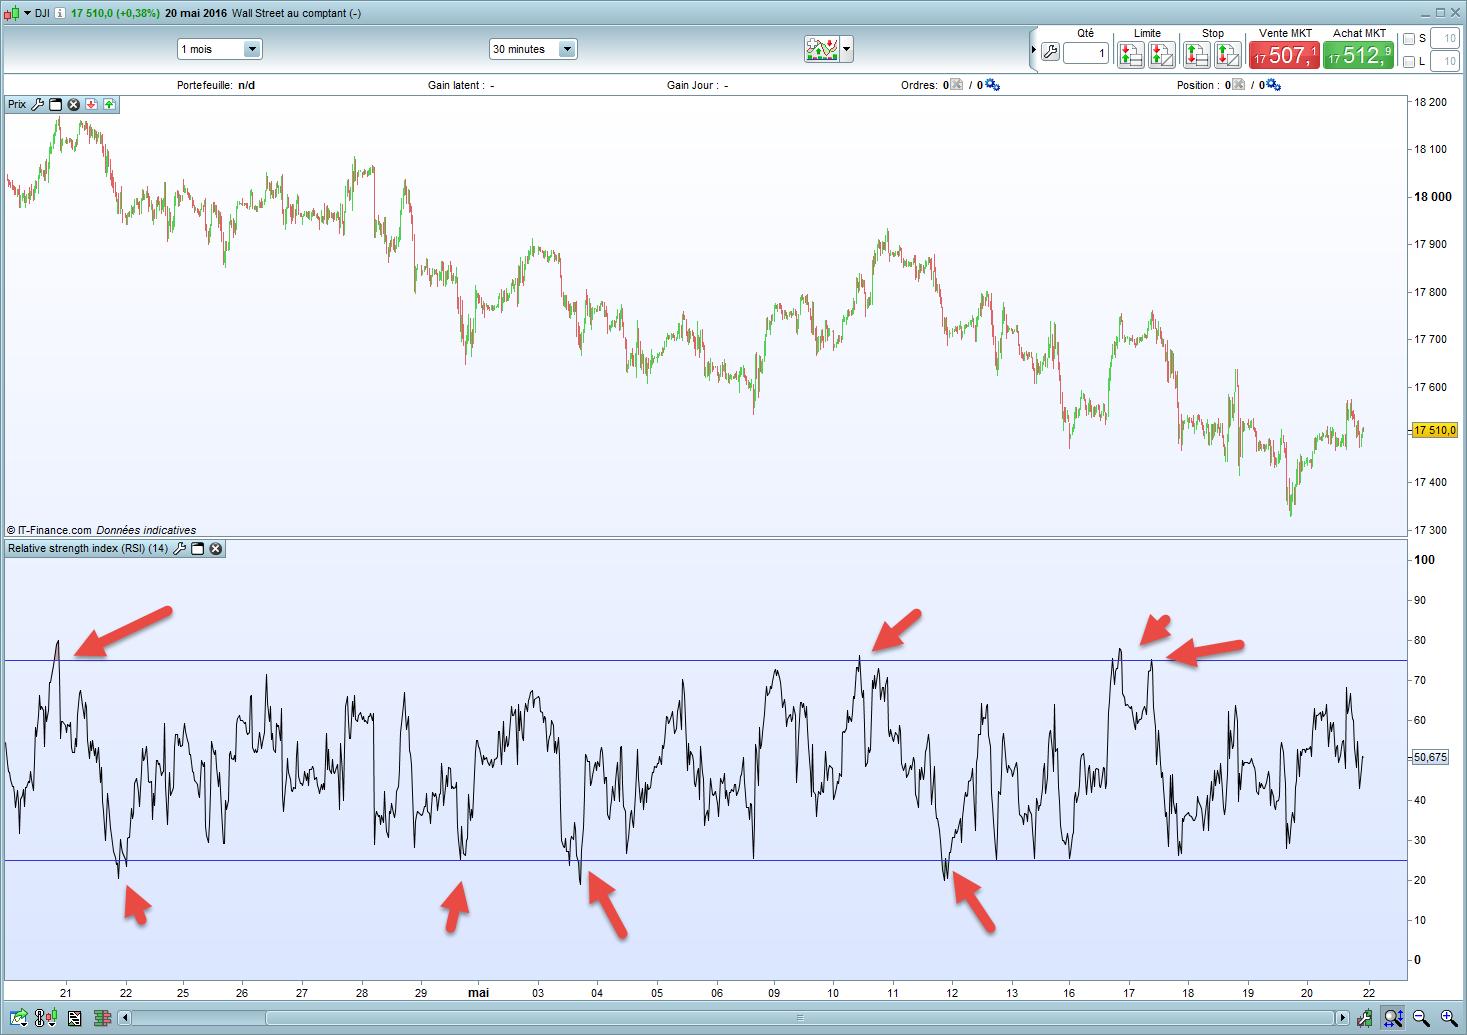 Dow Jones 30 RSI 25 75 Hebdomadaire